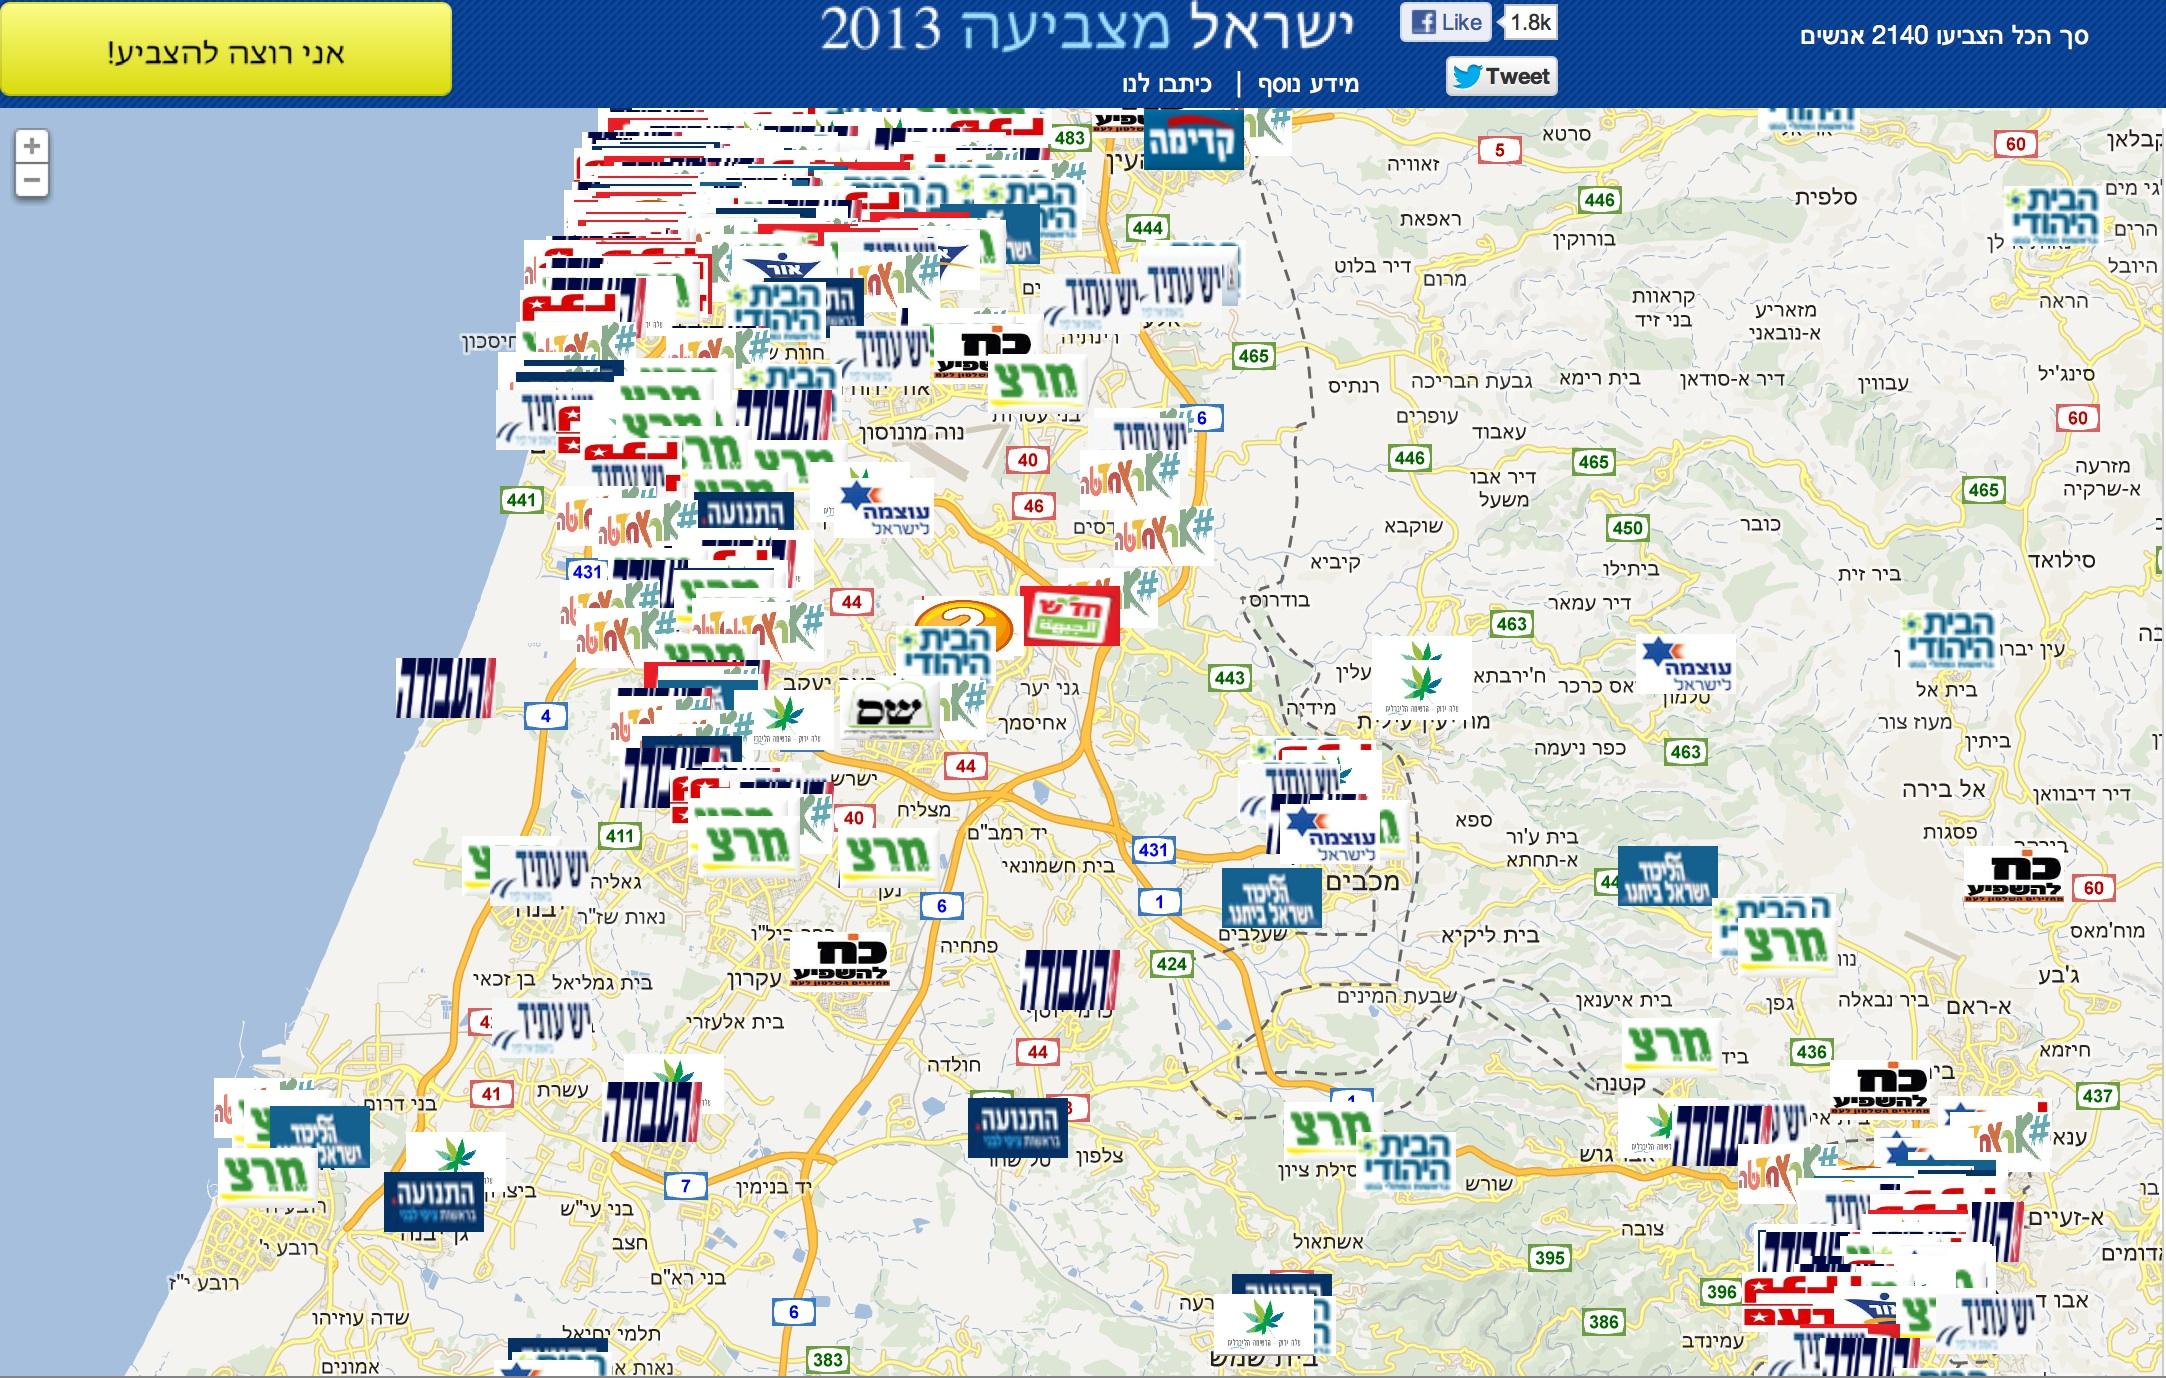 מעל 2100 הצביעו, אך המפה עדיין לא מראה את הכל (כי הוקפאה ביום שישי בלילה)